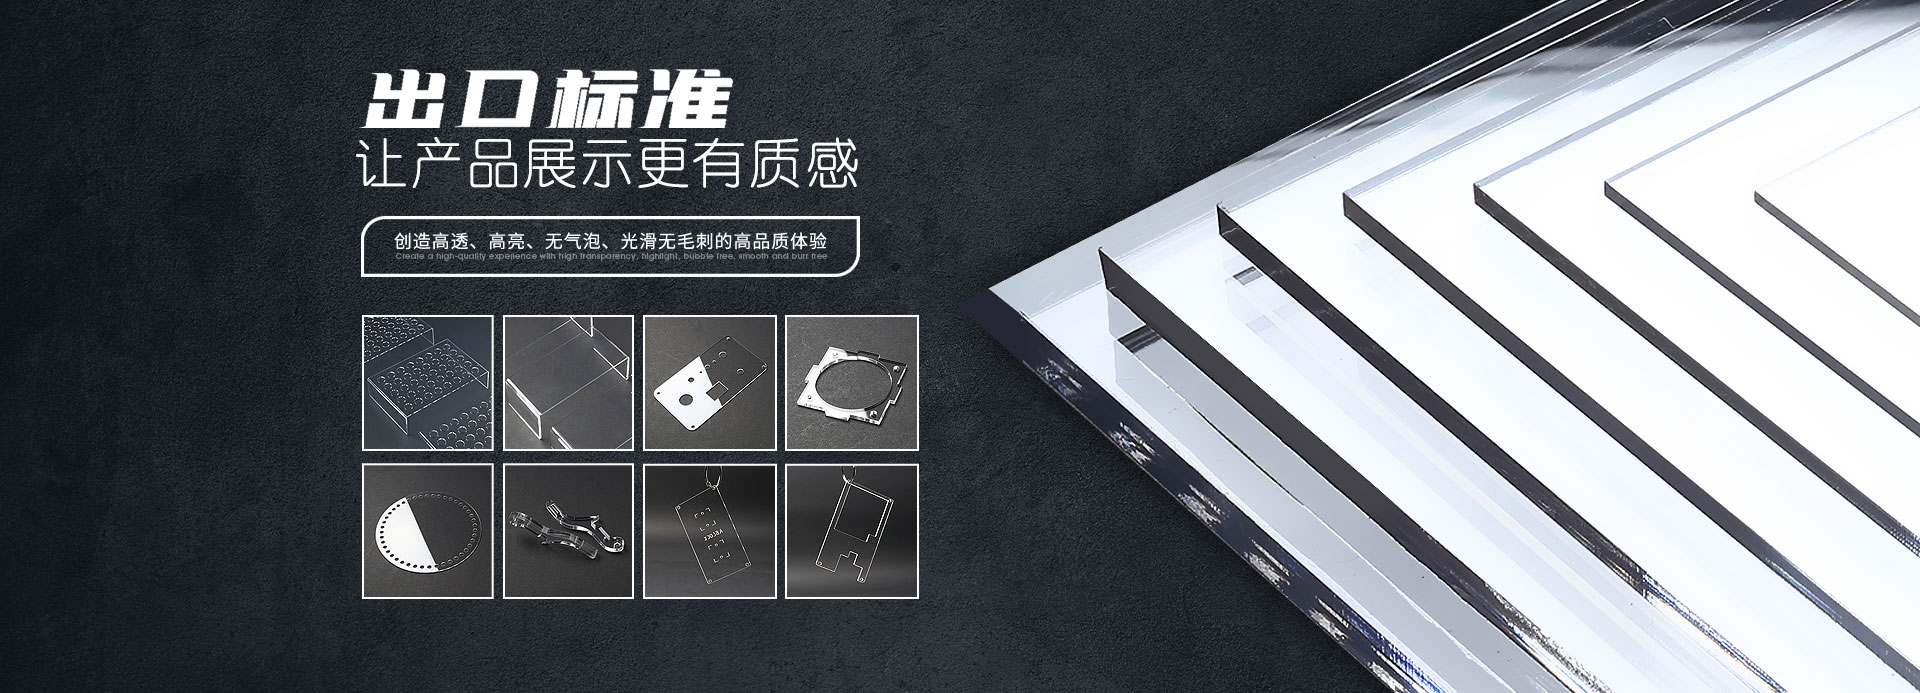 出口标准,让产品显示更有质感-广州至丽